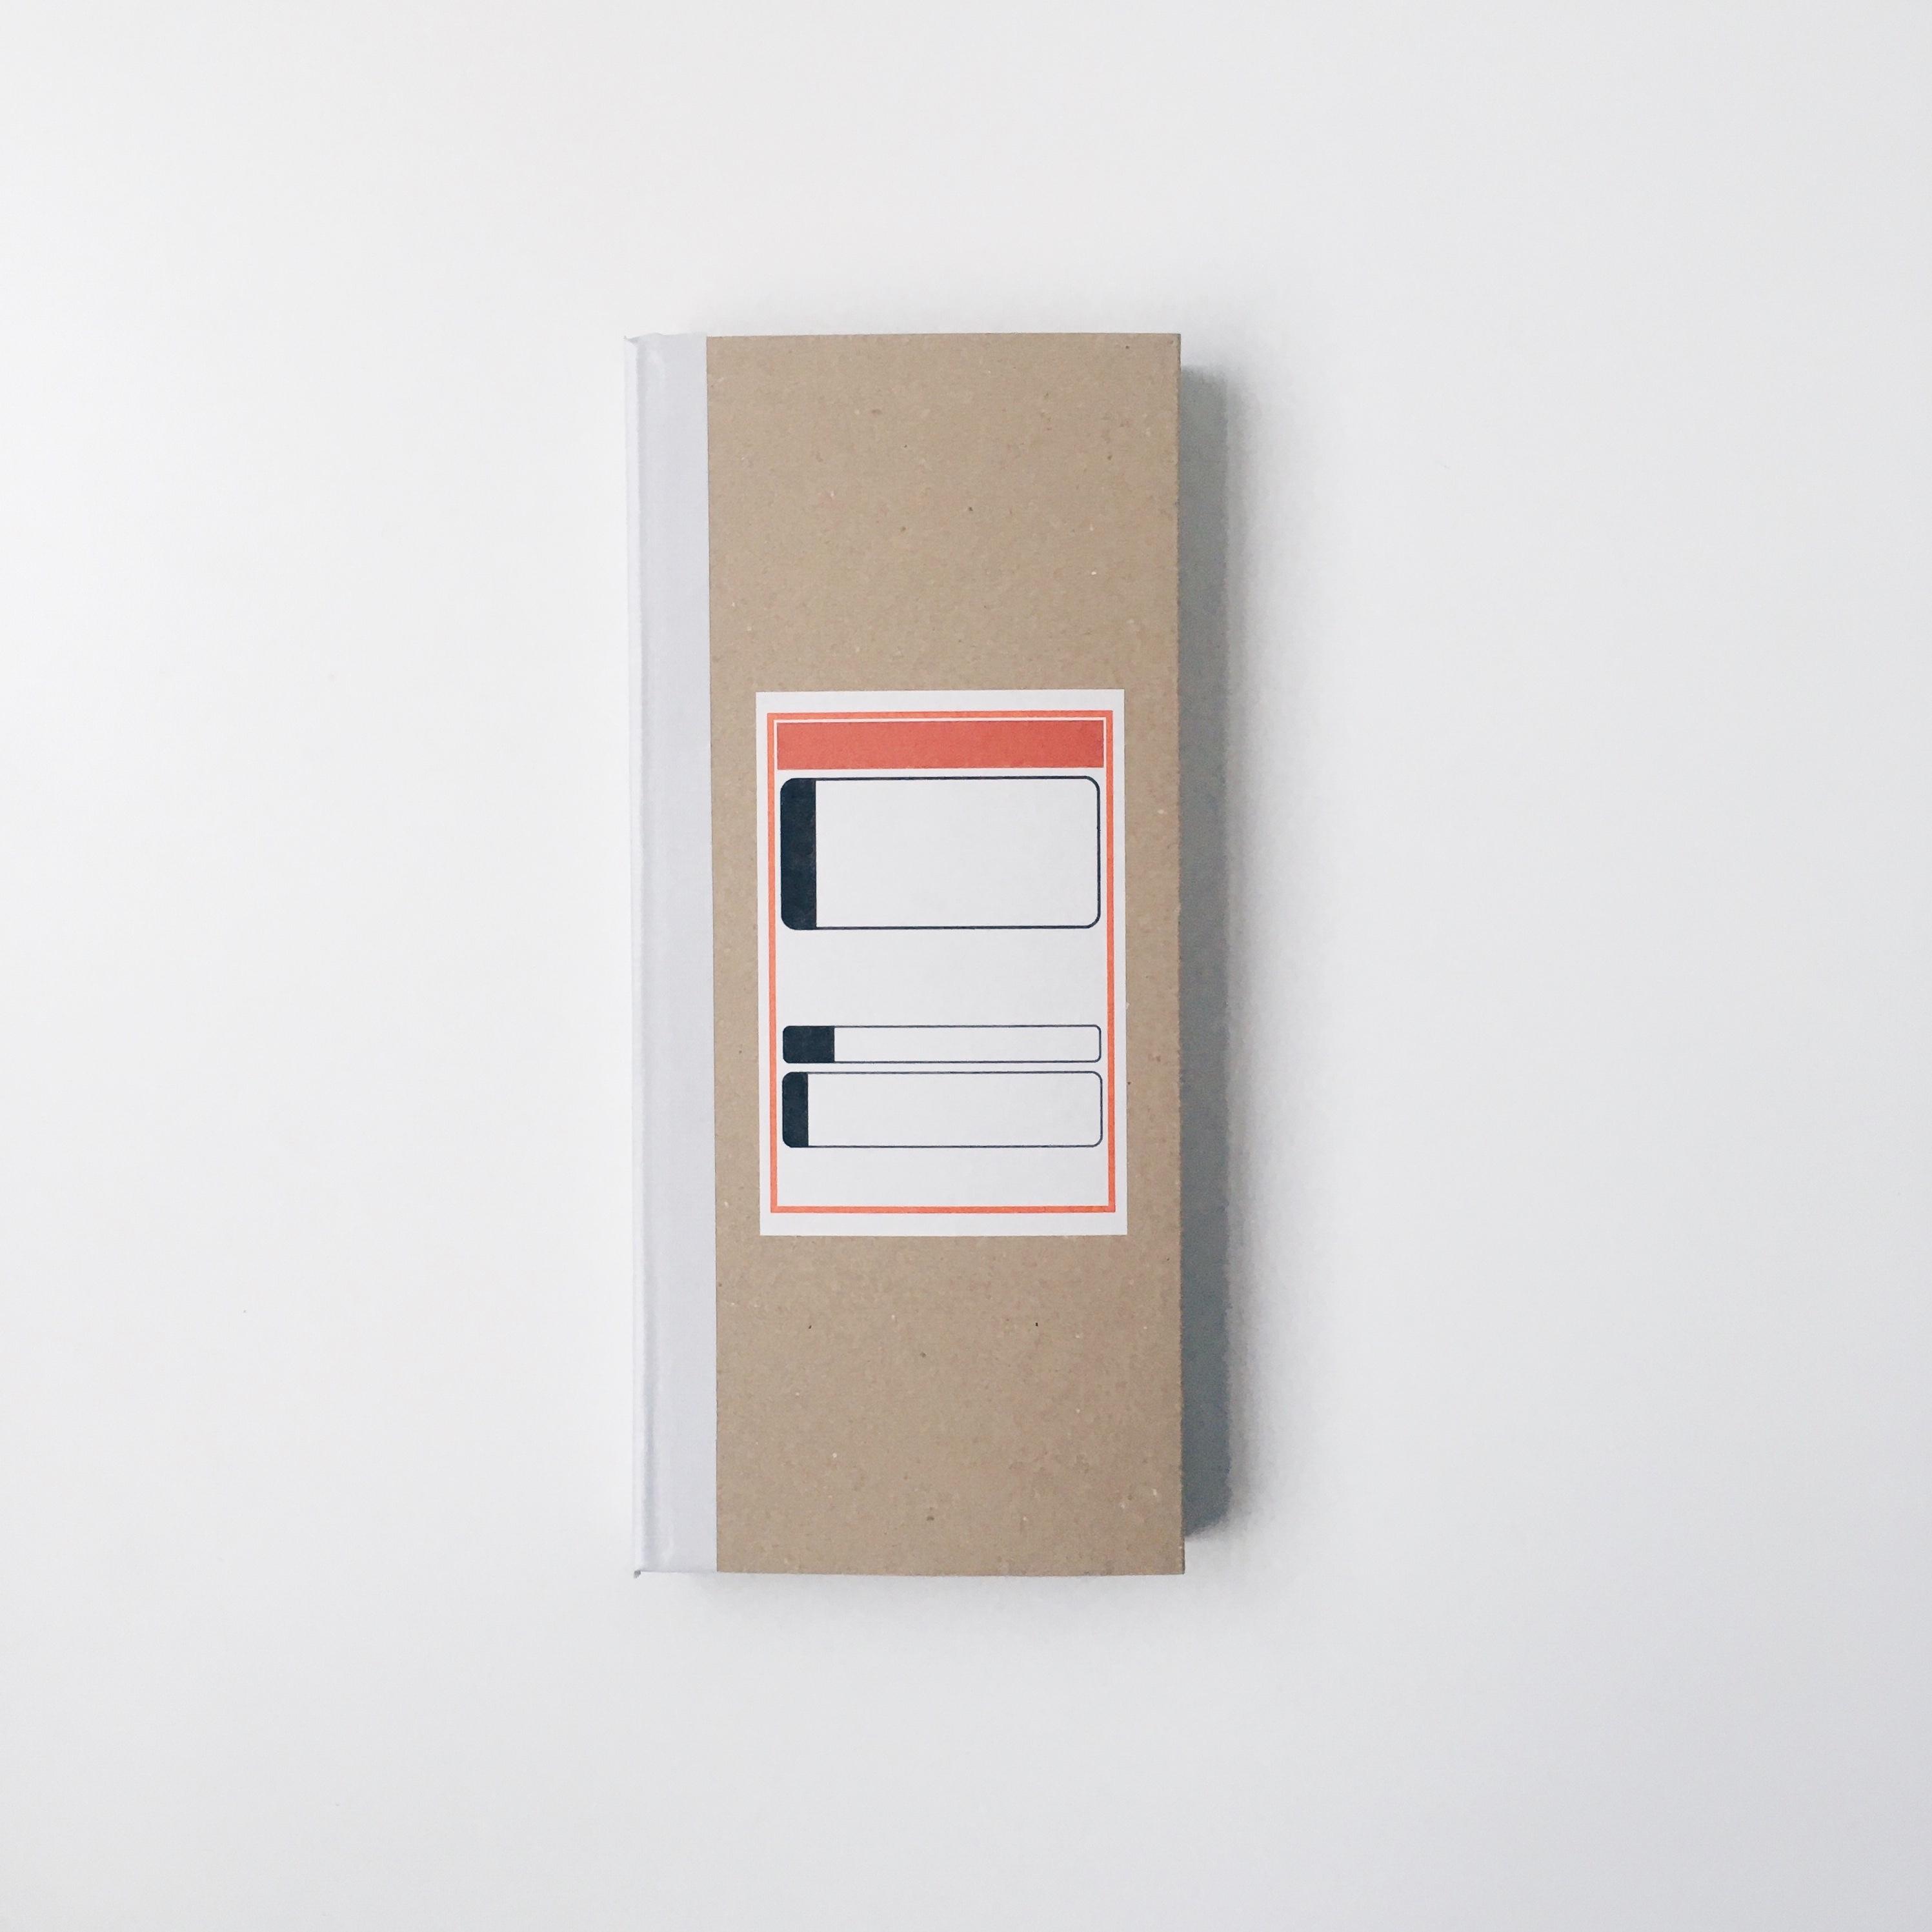 3PAIRS - SAGE, WHITE, GRAY - 画像5